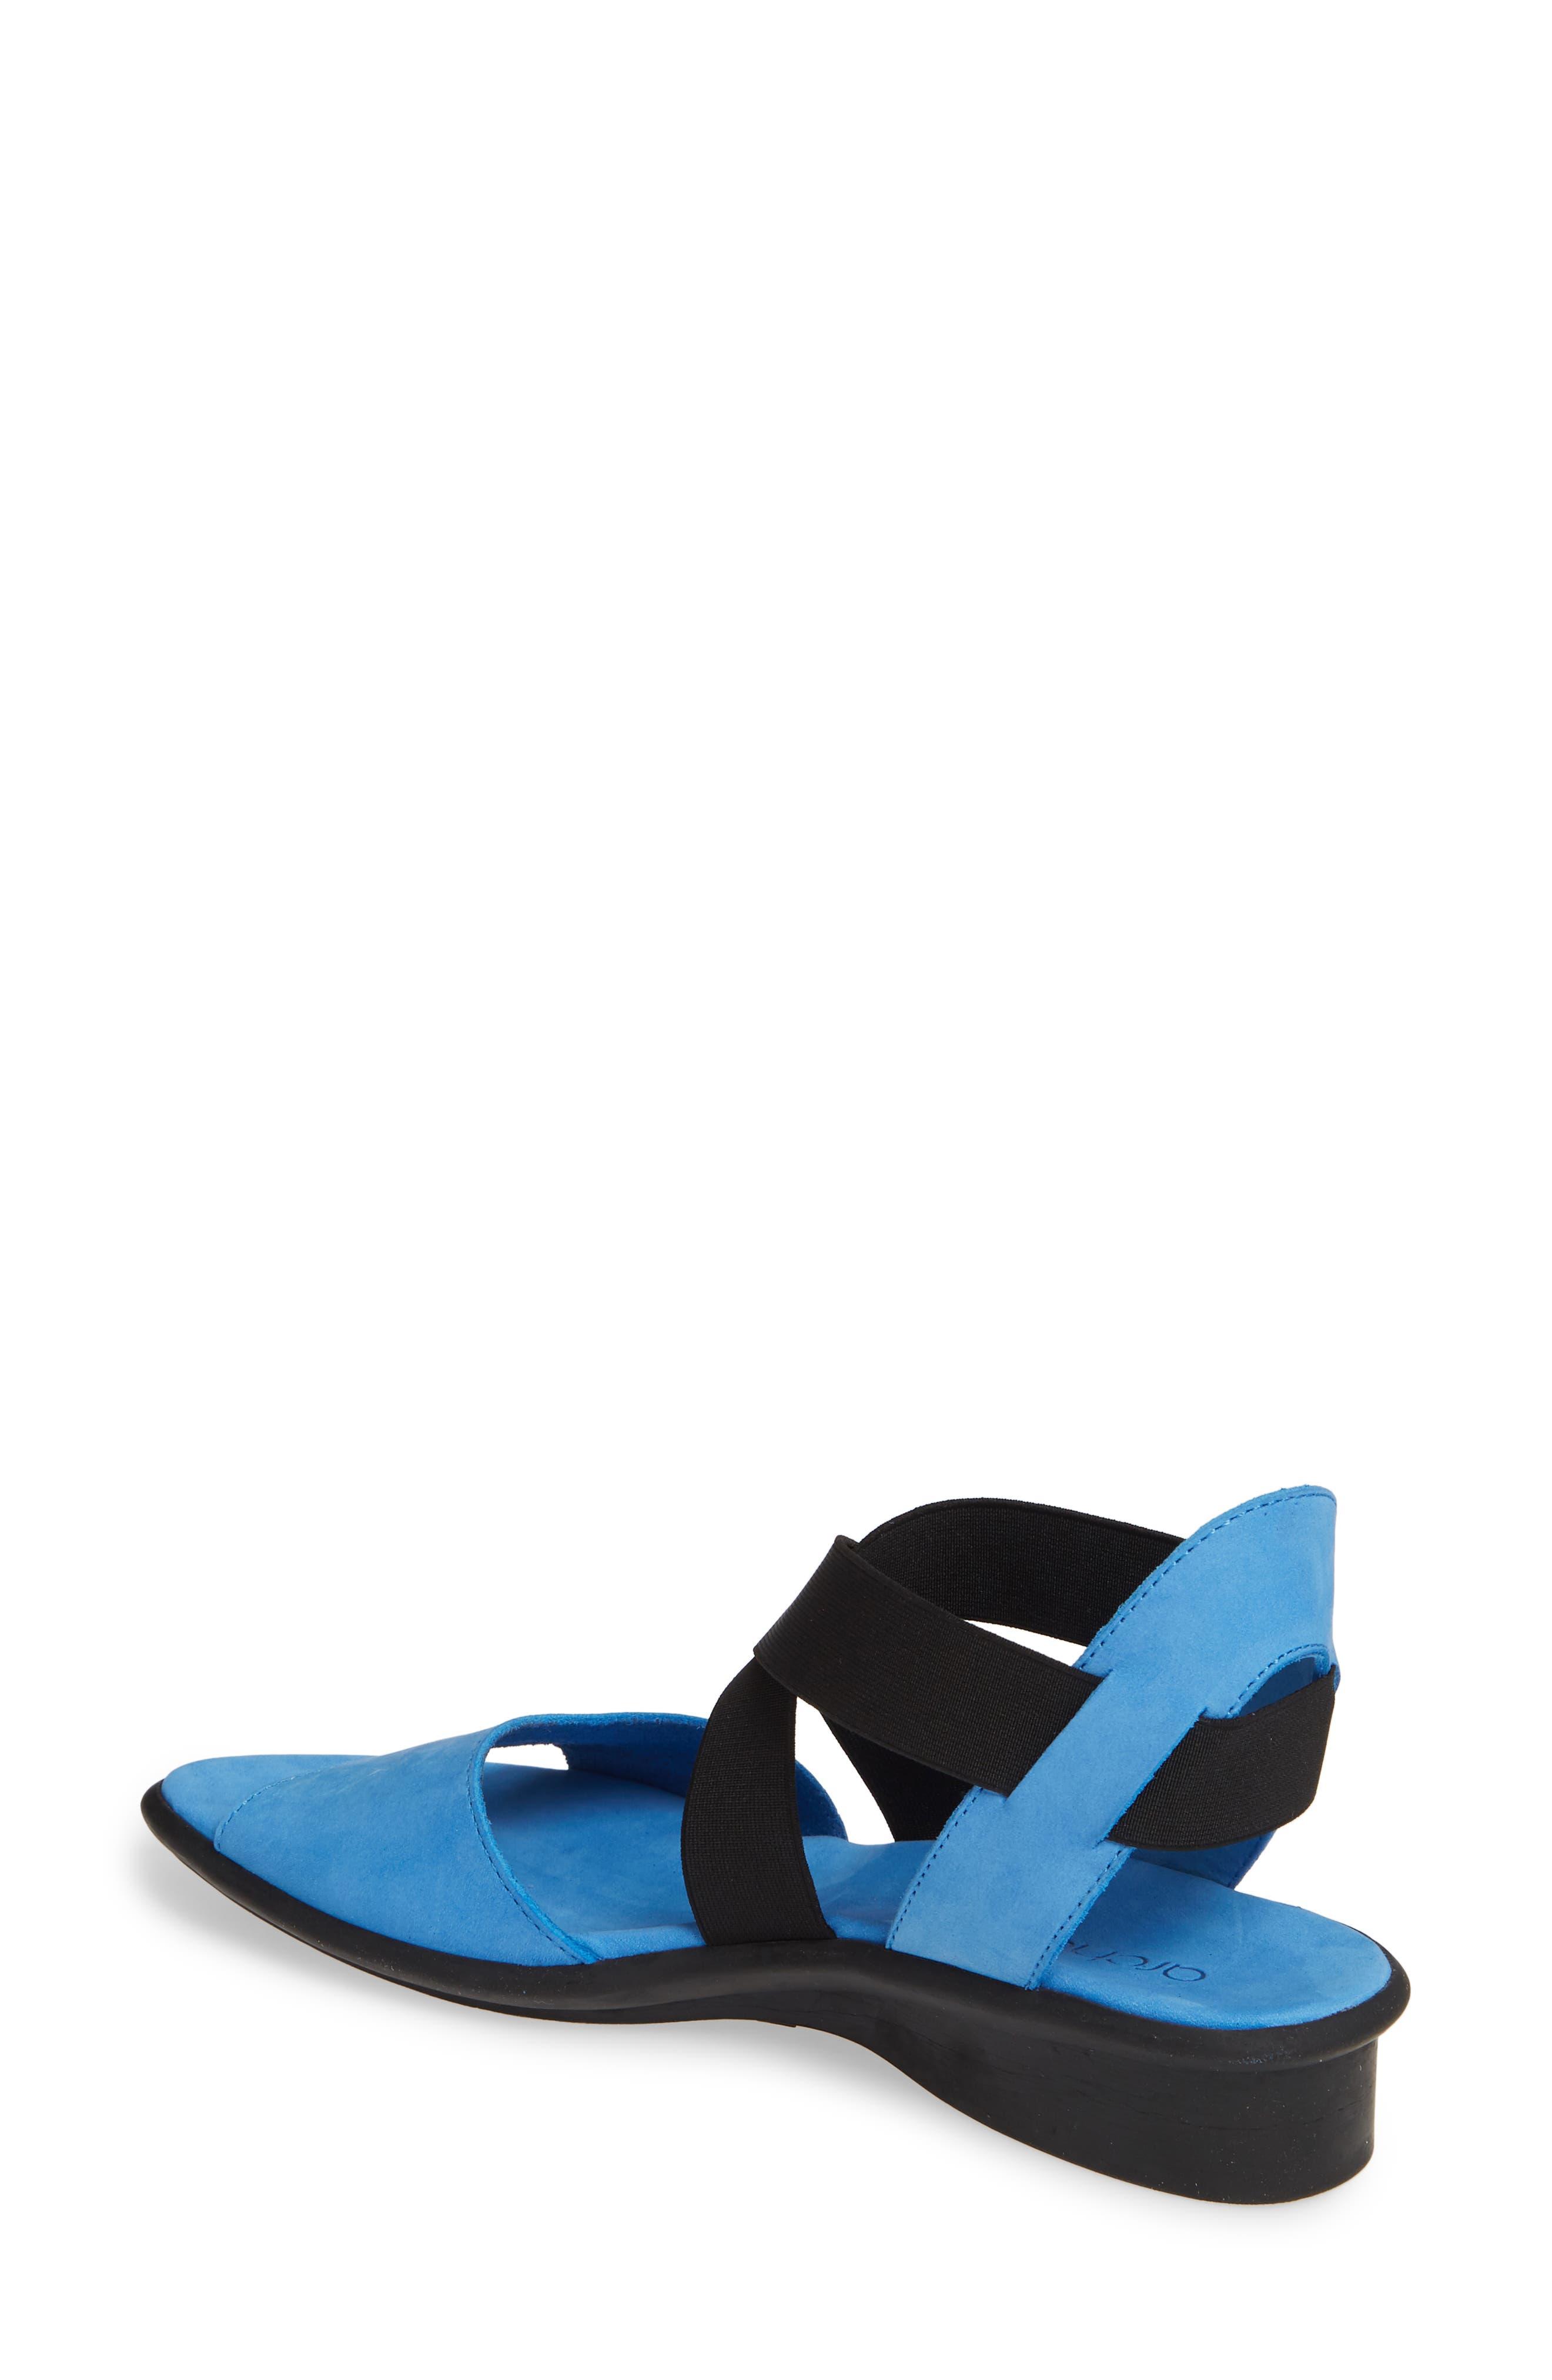 b42271399532 Arche Shoes